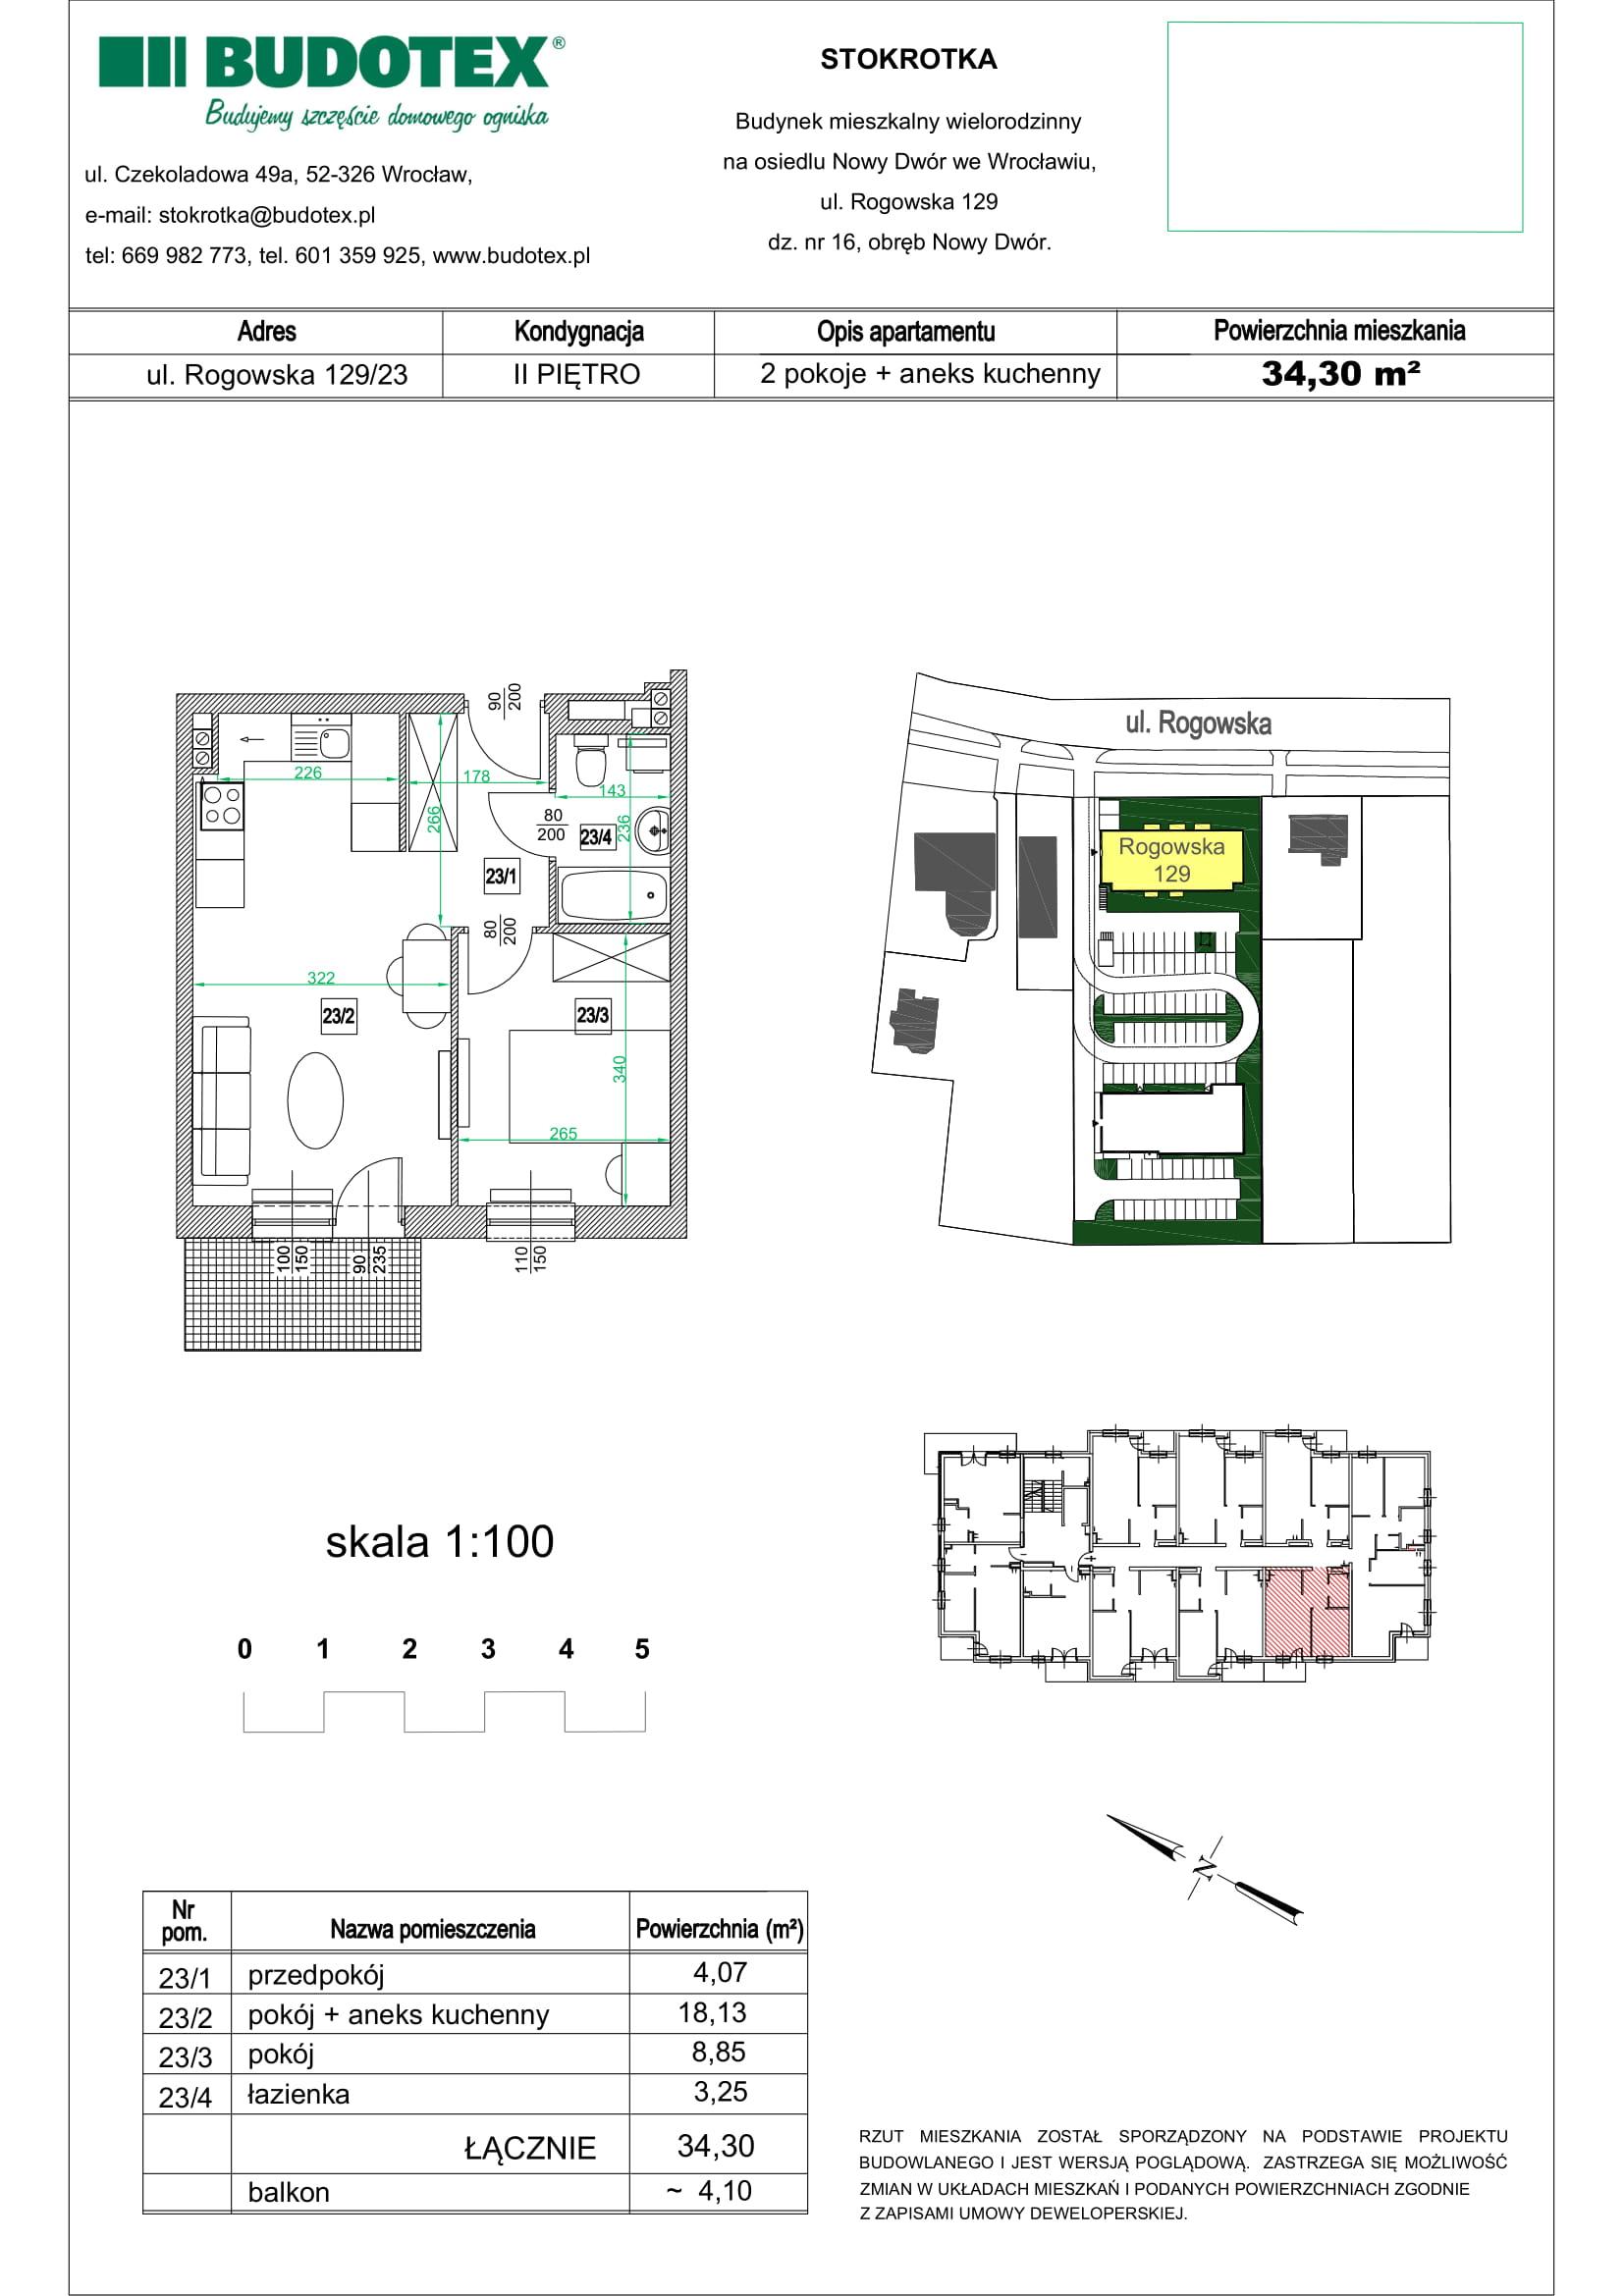 Mieszkanie nr 23